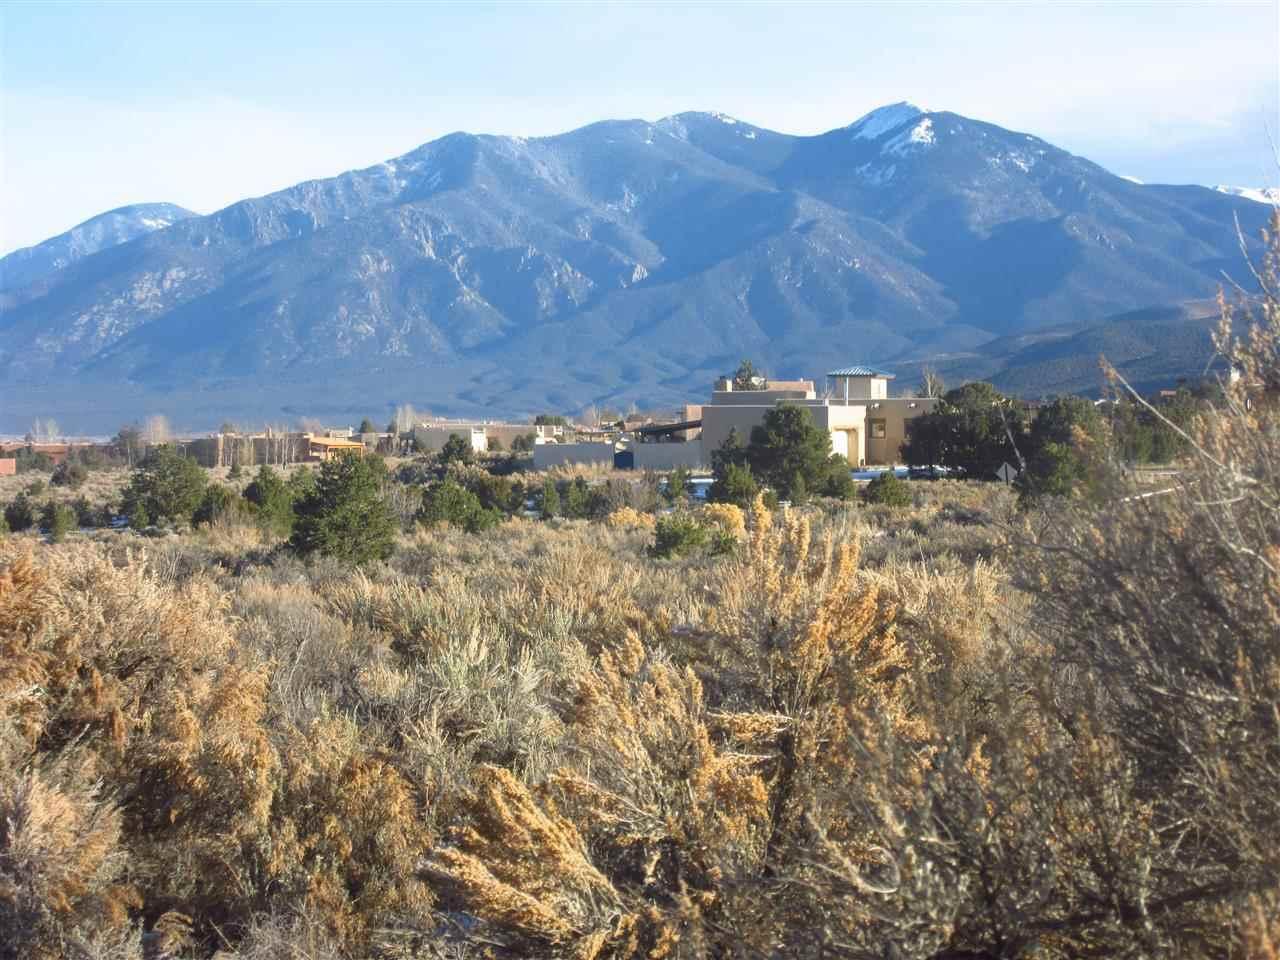 Espinoza/Momterey, Taos, NM 87571